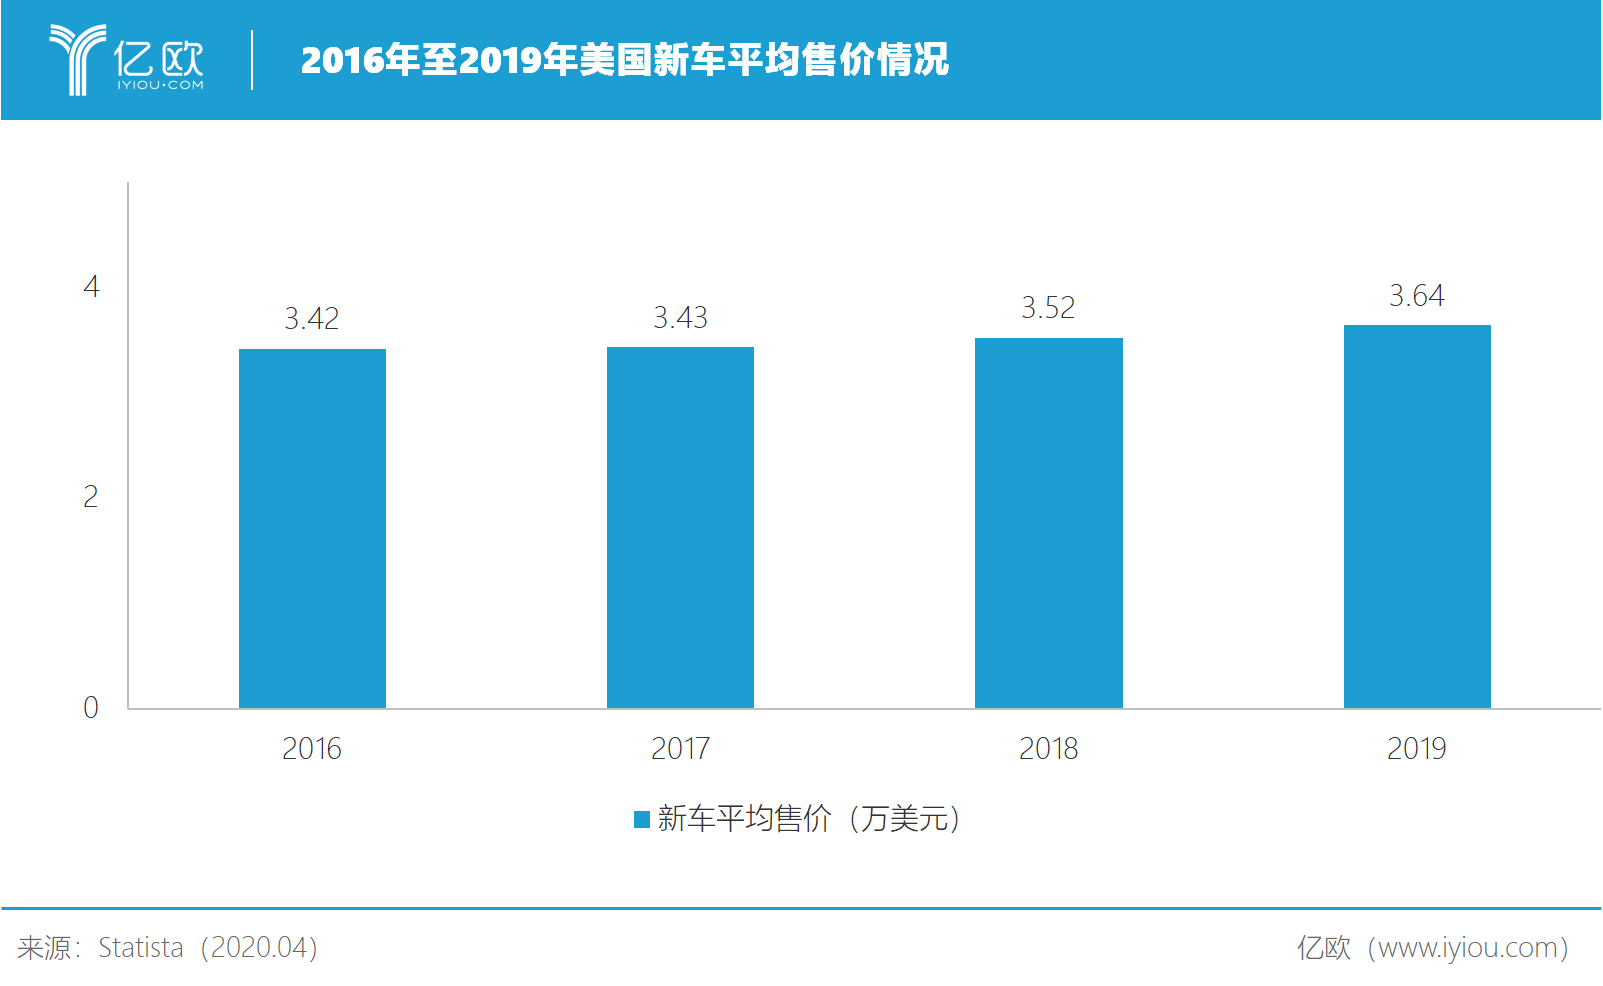 2016年至2019年美国新车平均售价情况